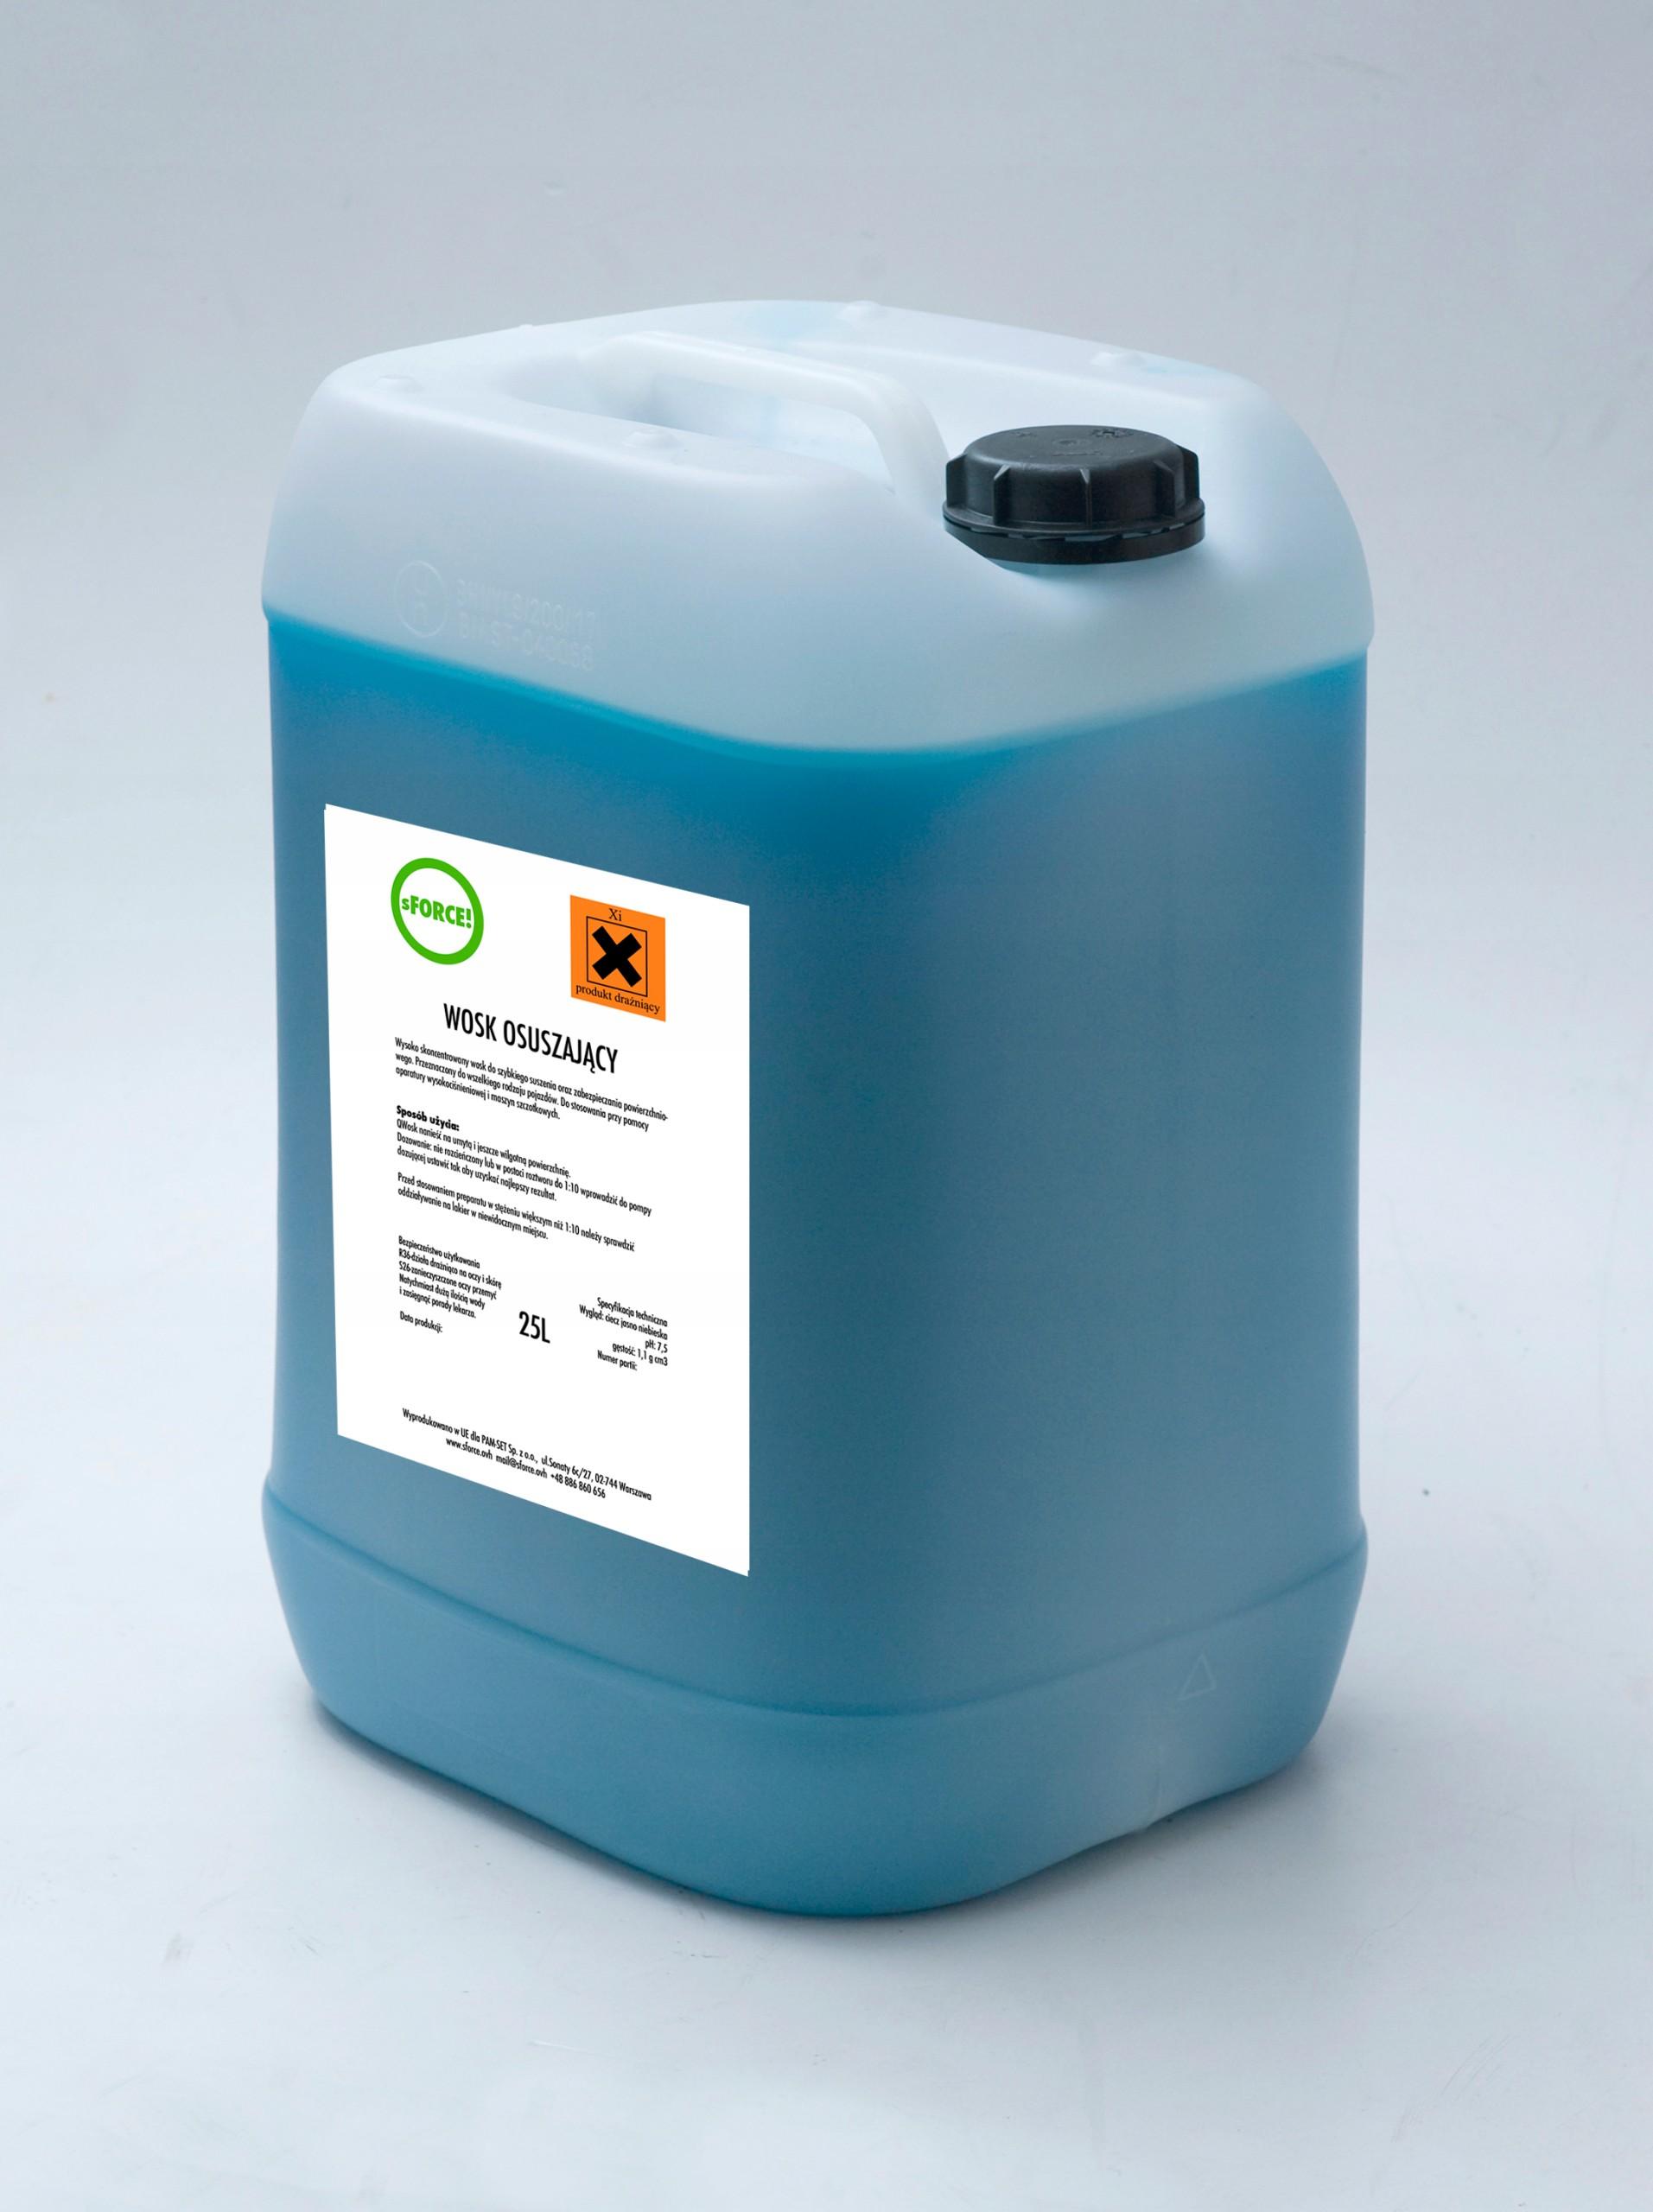 Wosk Osuszający myjnia hydrowosk sForce 25L